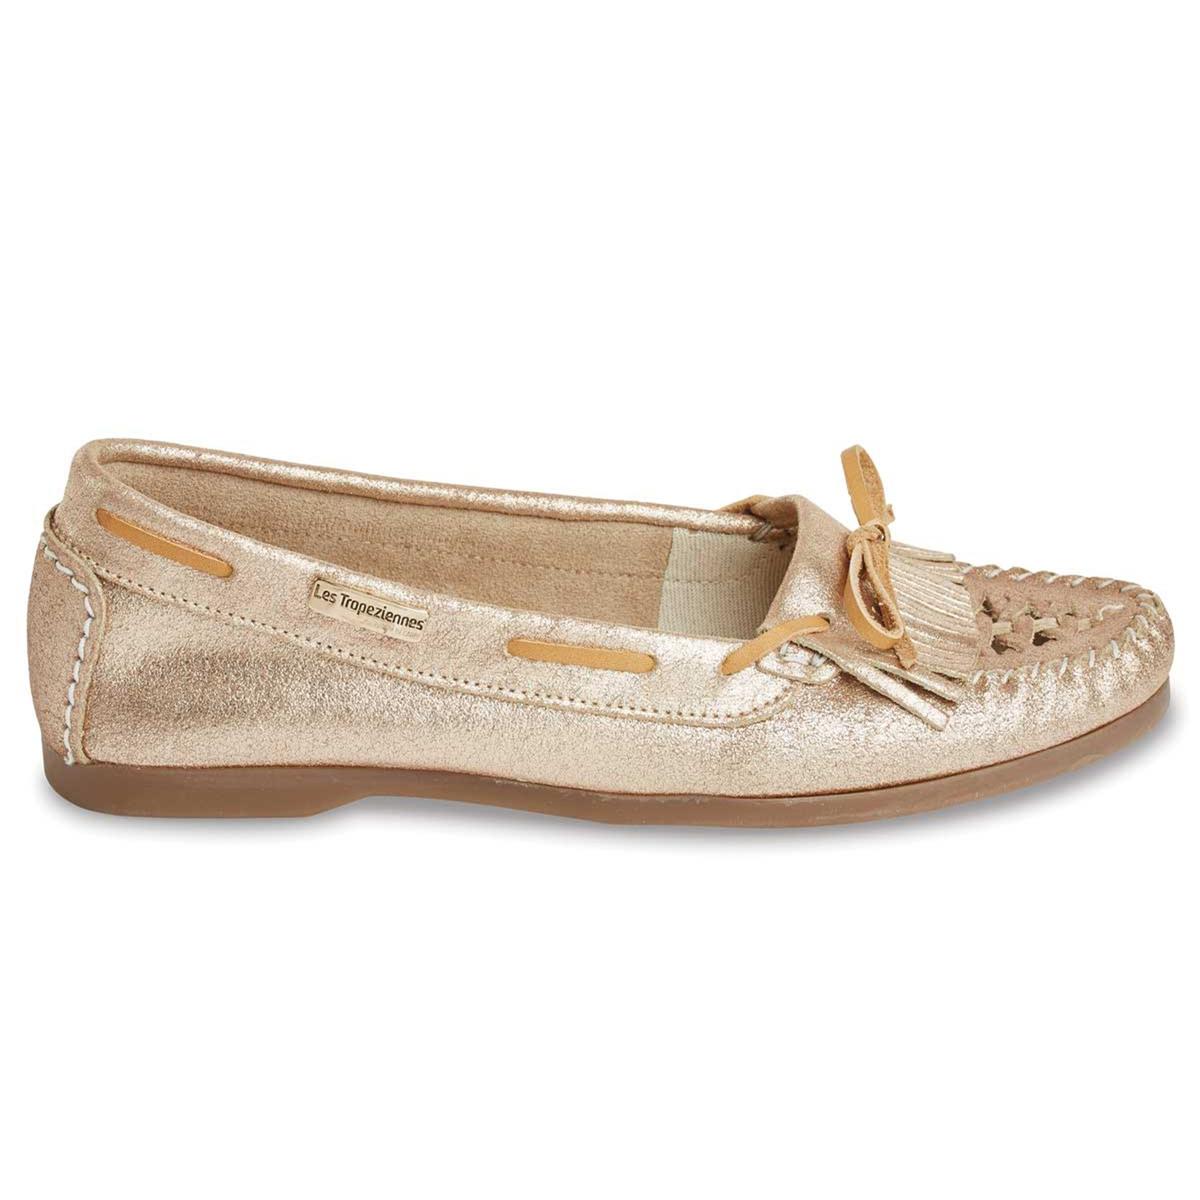 Мокасины кожаные ParaguayВерх: кожа. Стелька: кожа.  Подошва: синтетика.Форма каблука: плоский каблук.  Мысок: закругленный.Застежка: без застежки.<br><br>Цвет: золотистый<br>Размер: 37.39.40